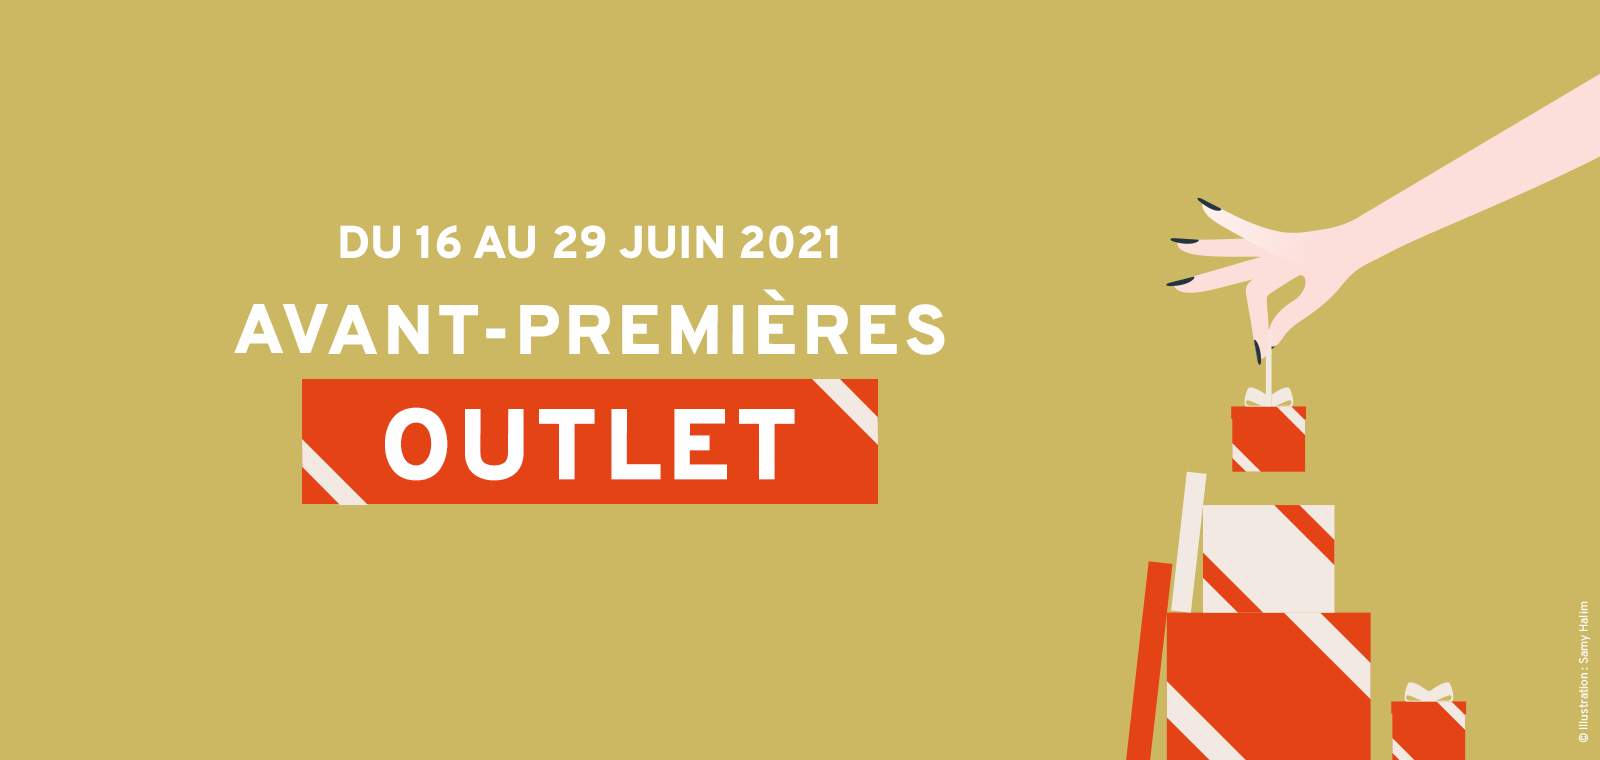 Avant-Premières juin 2021